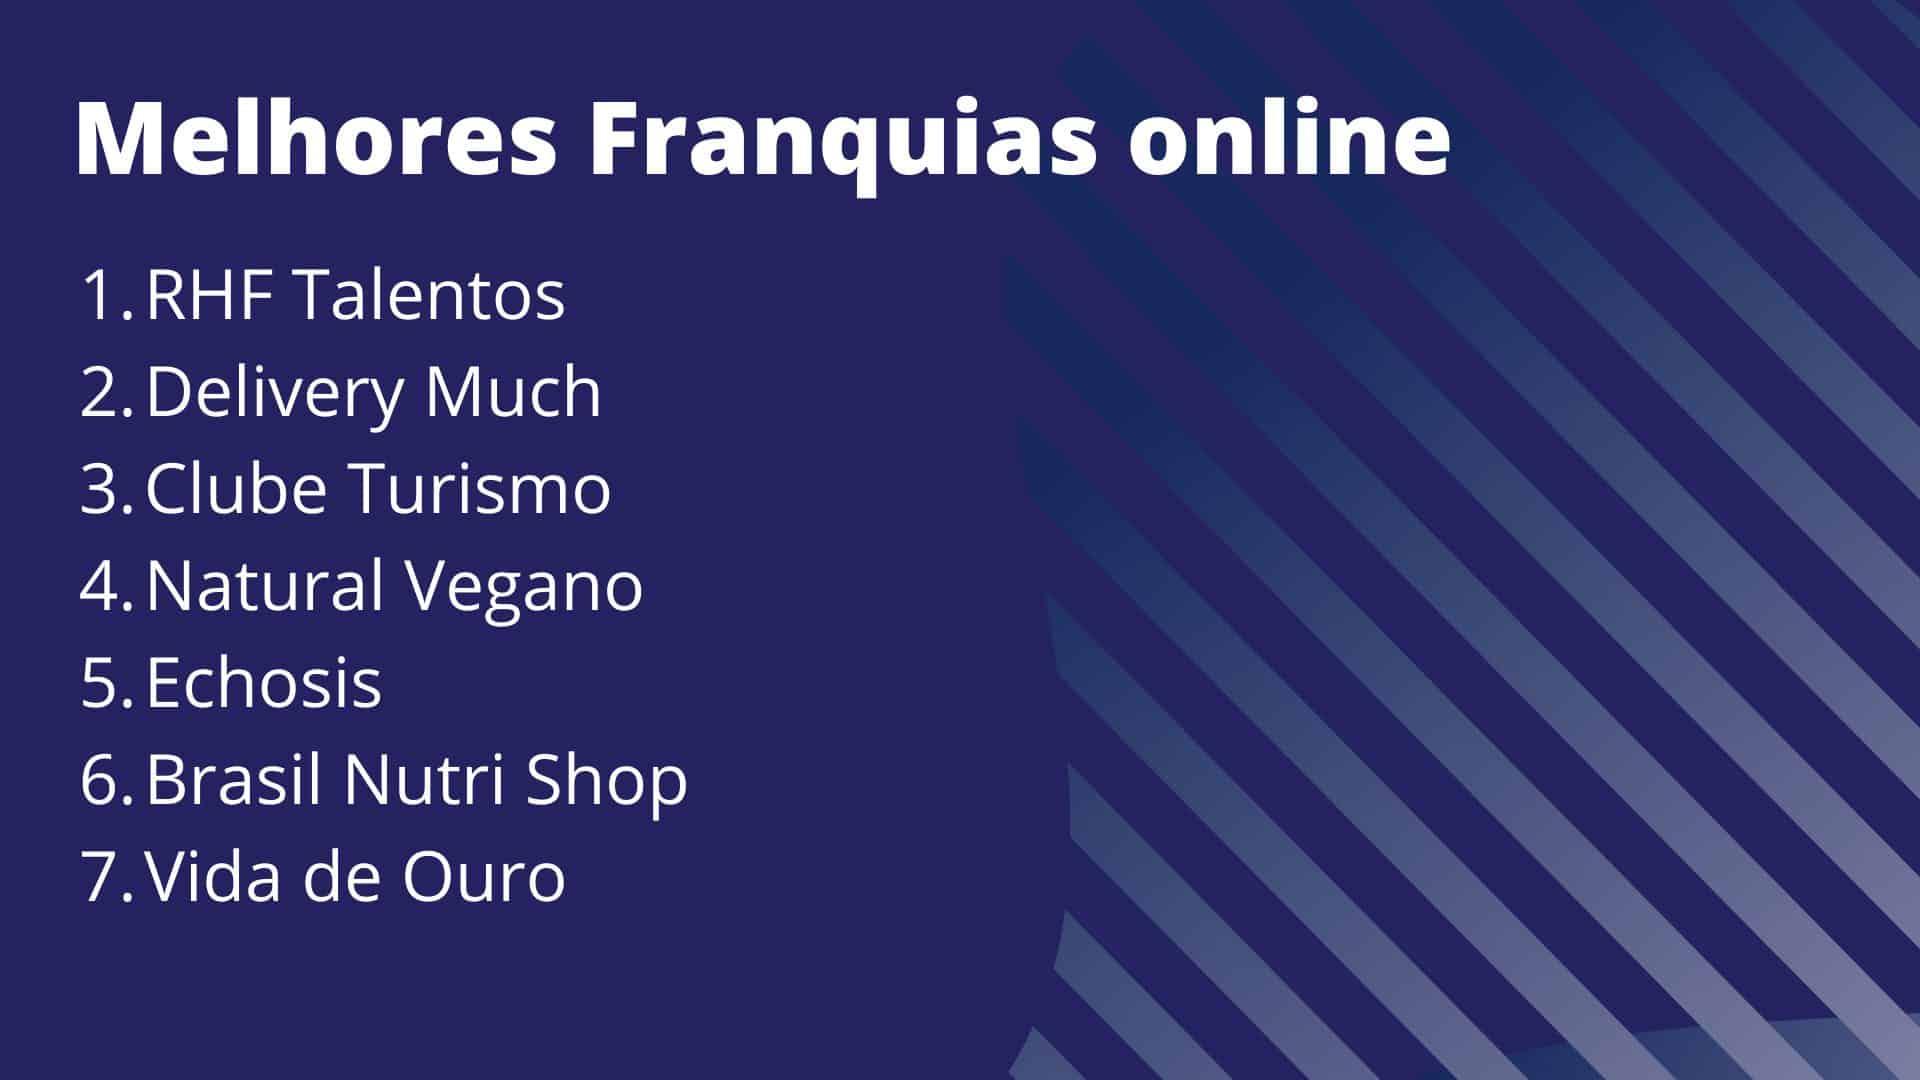 melhores franquias online